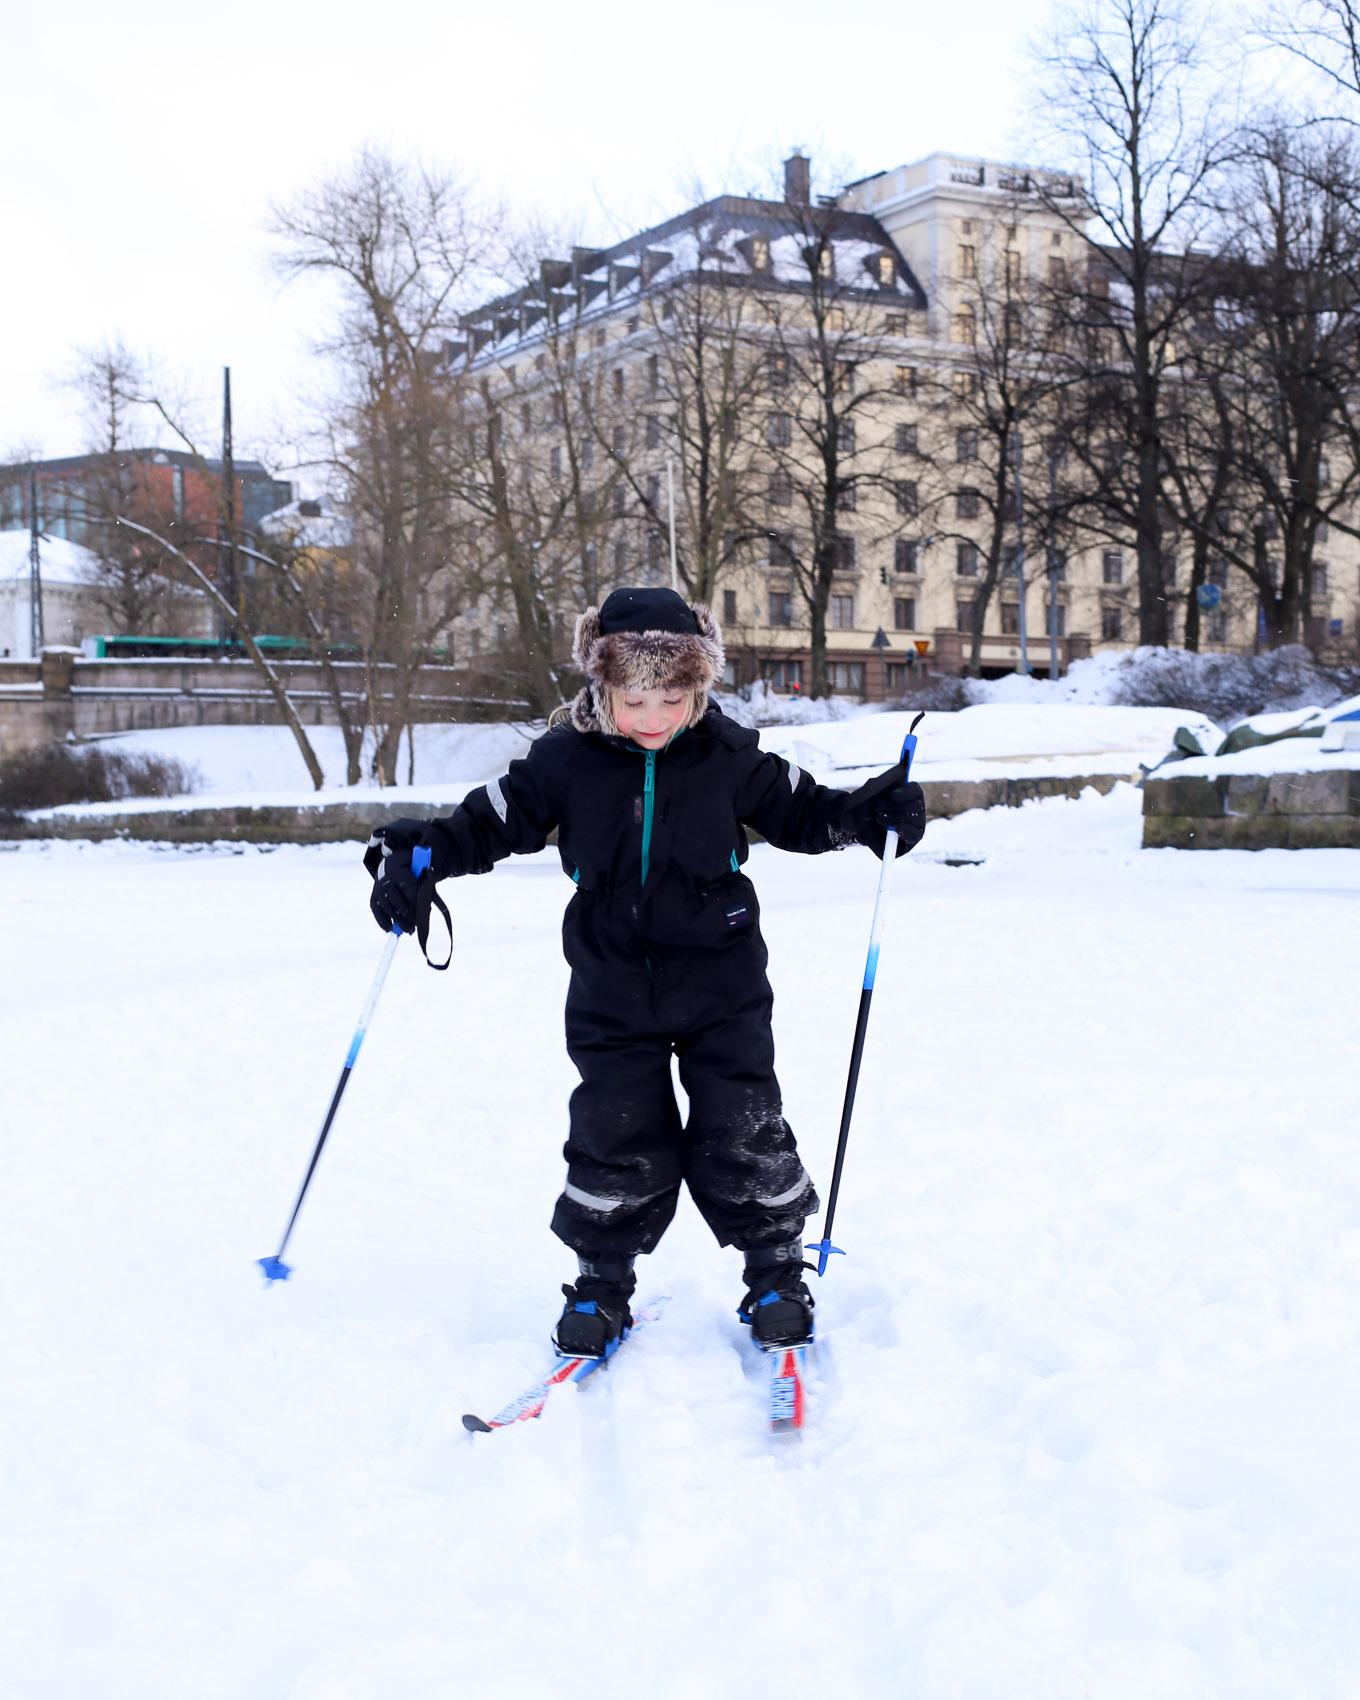 Hiihtämässä Helsingissä - 01.jpg